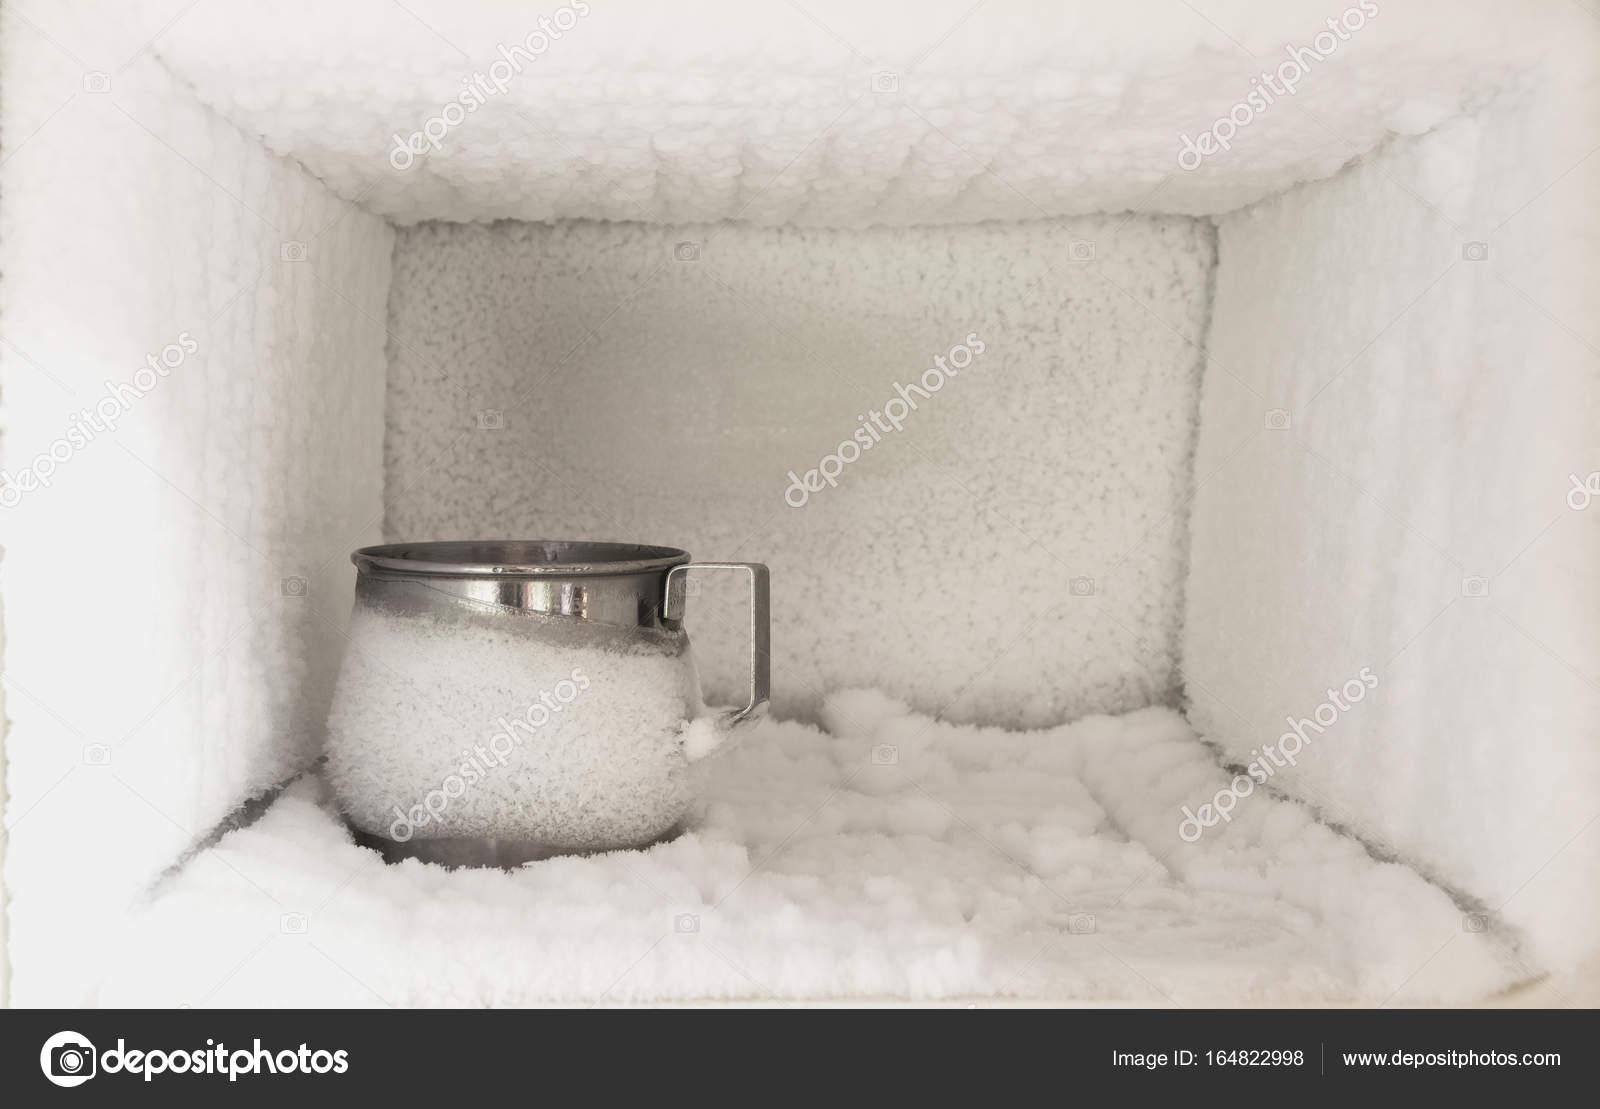 Technischer Aufbau Kühlschrank : Der kühlschrank leer eis aufbau im inneren ein gefrierschrank